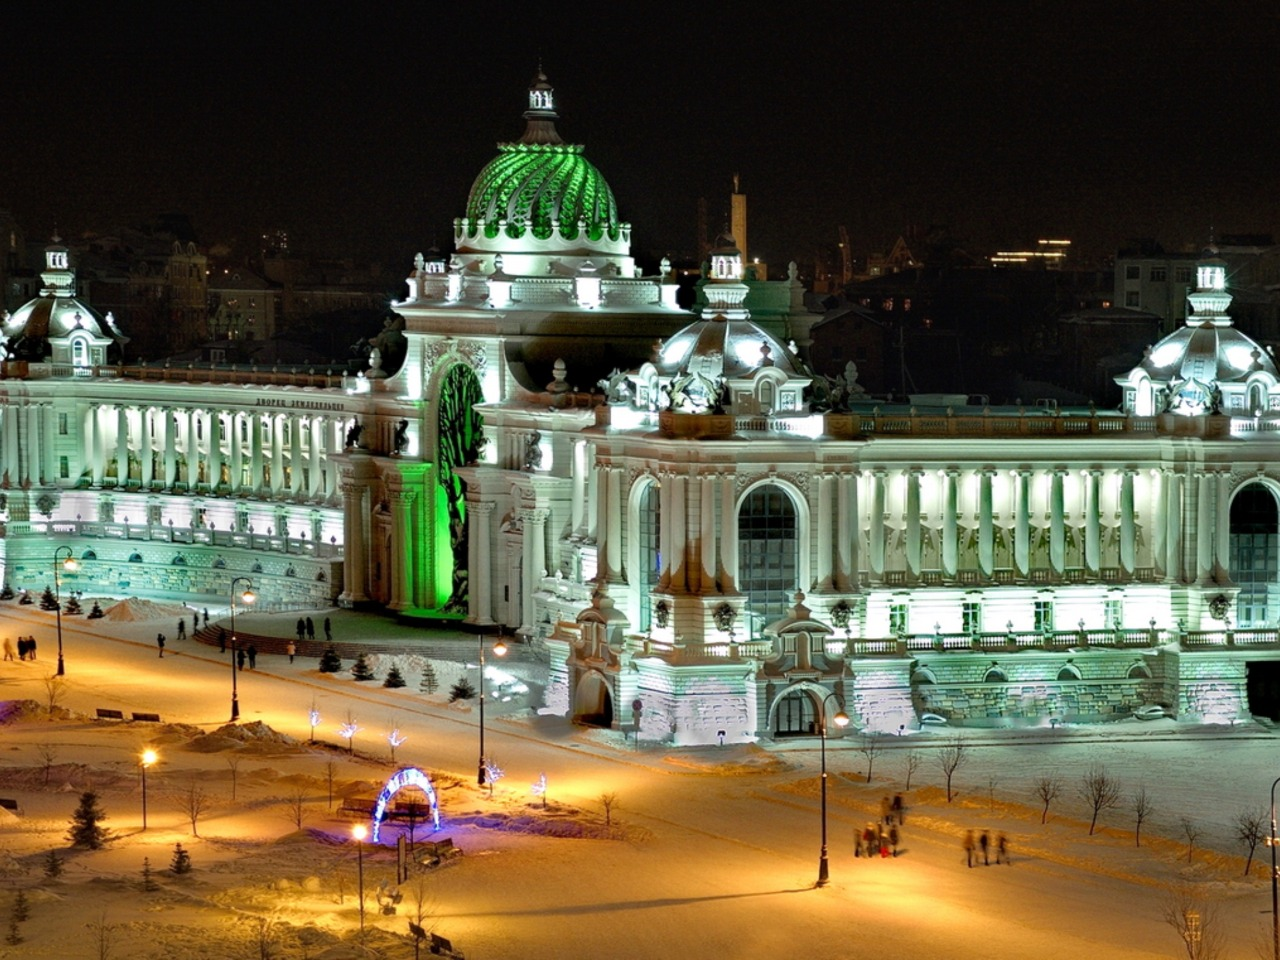 Экскурсионный супер-день в Казани - индивидуальная экскурсия в Казани от опытного гида